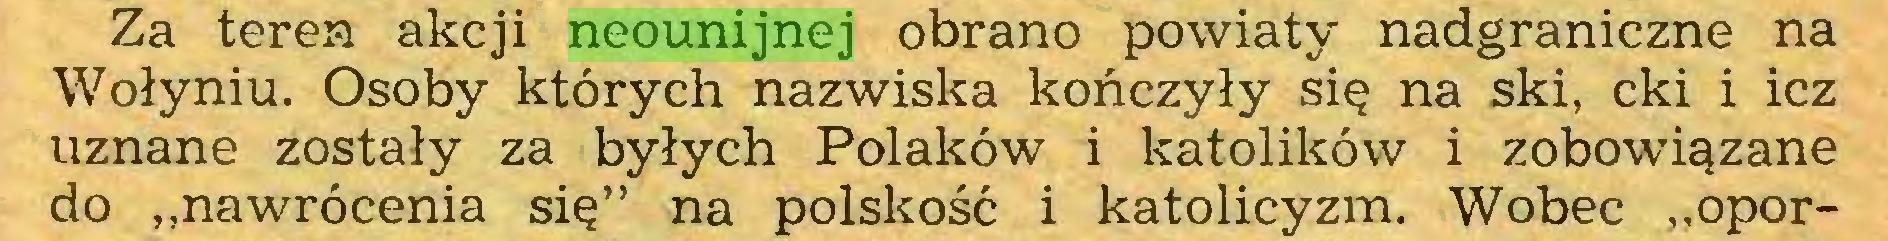 """(...) Za teren akcji neounijnej obrano powiaty nadgraniczne na Wołyniu. Osoby których nazwiska kończyły się na ski, cki i icz uznane zostały za byłych Polaków i katolików i zobowiązane do """"nawrócenia się"""" na polskość i katolicyzm. Wobec """"opor..."""